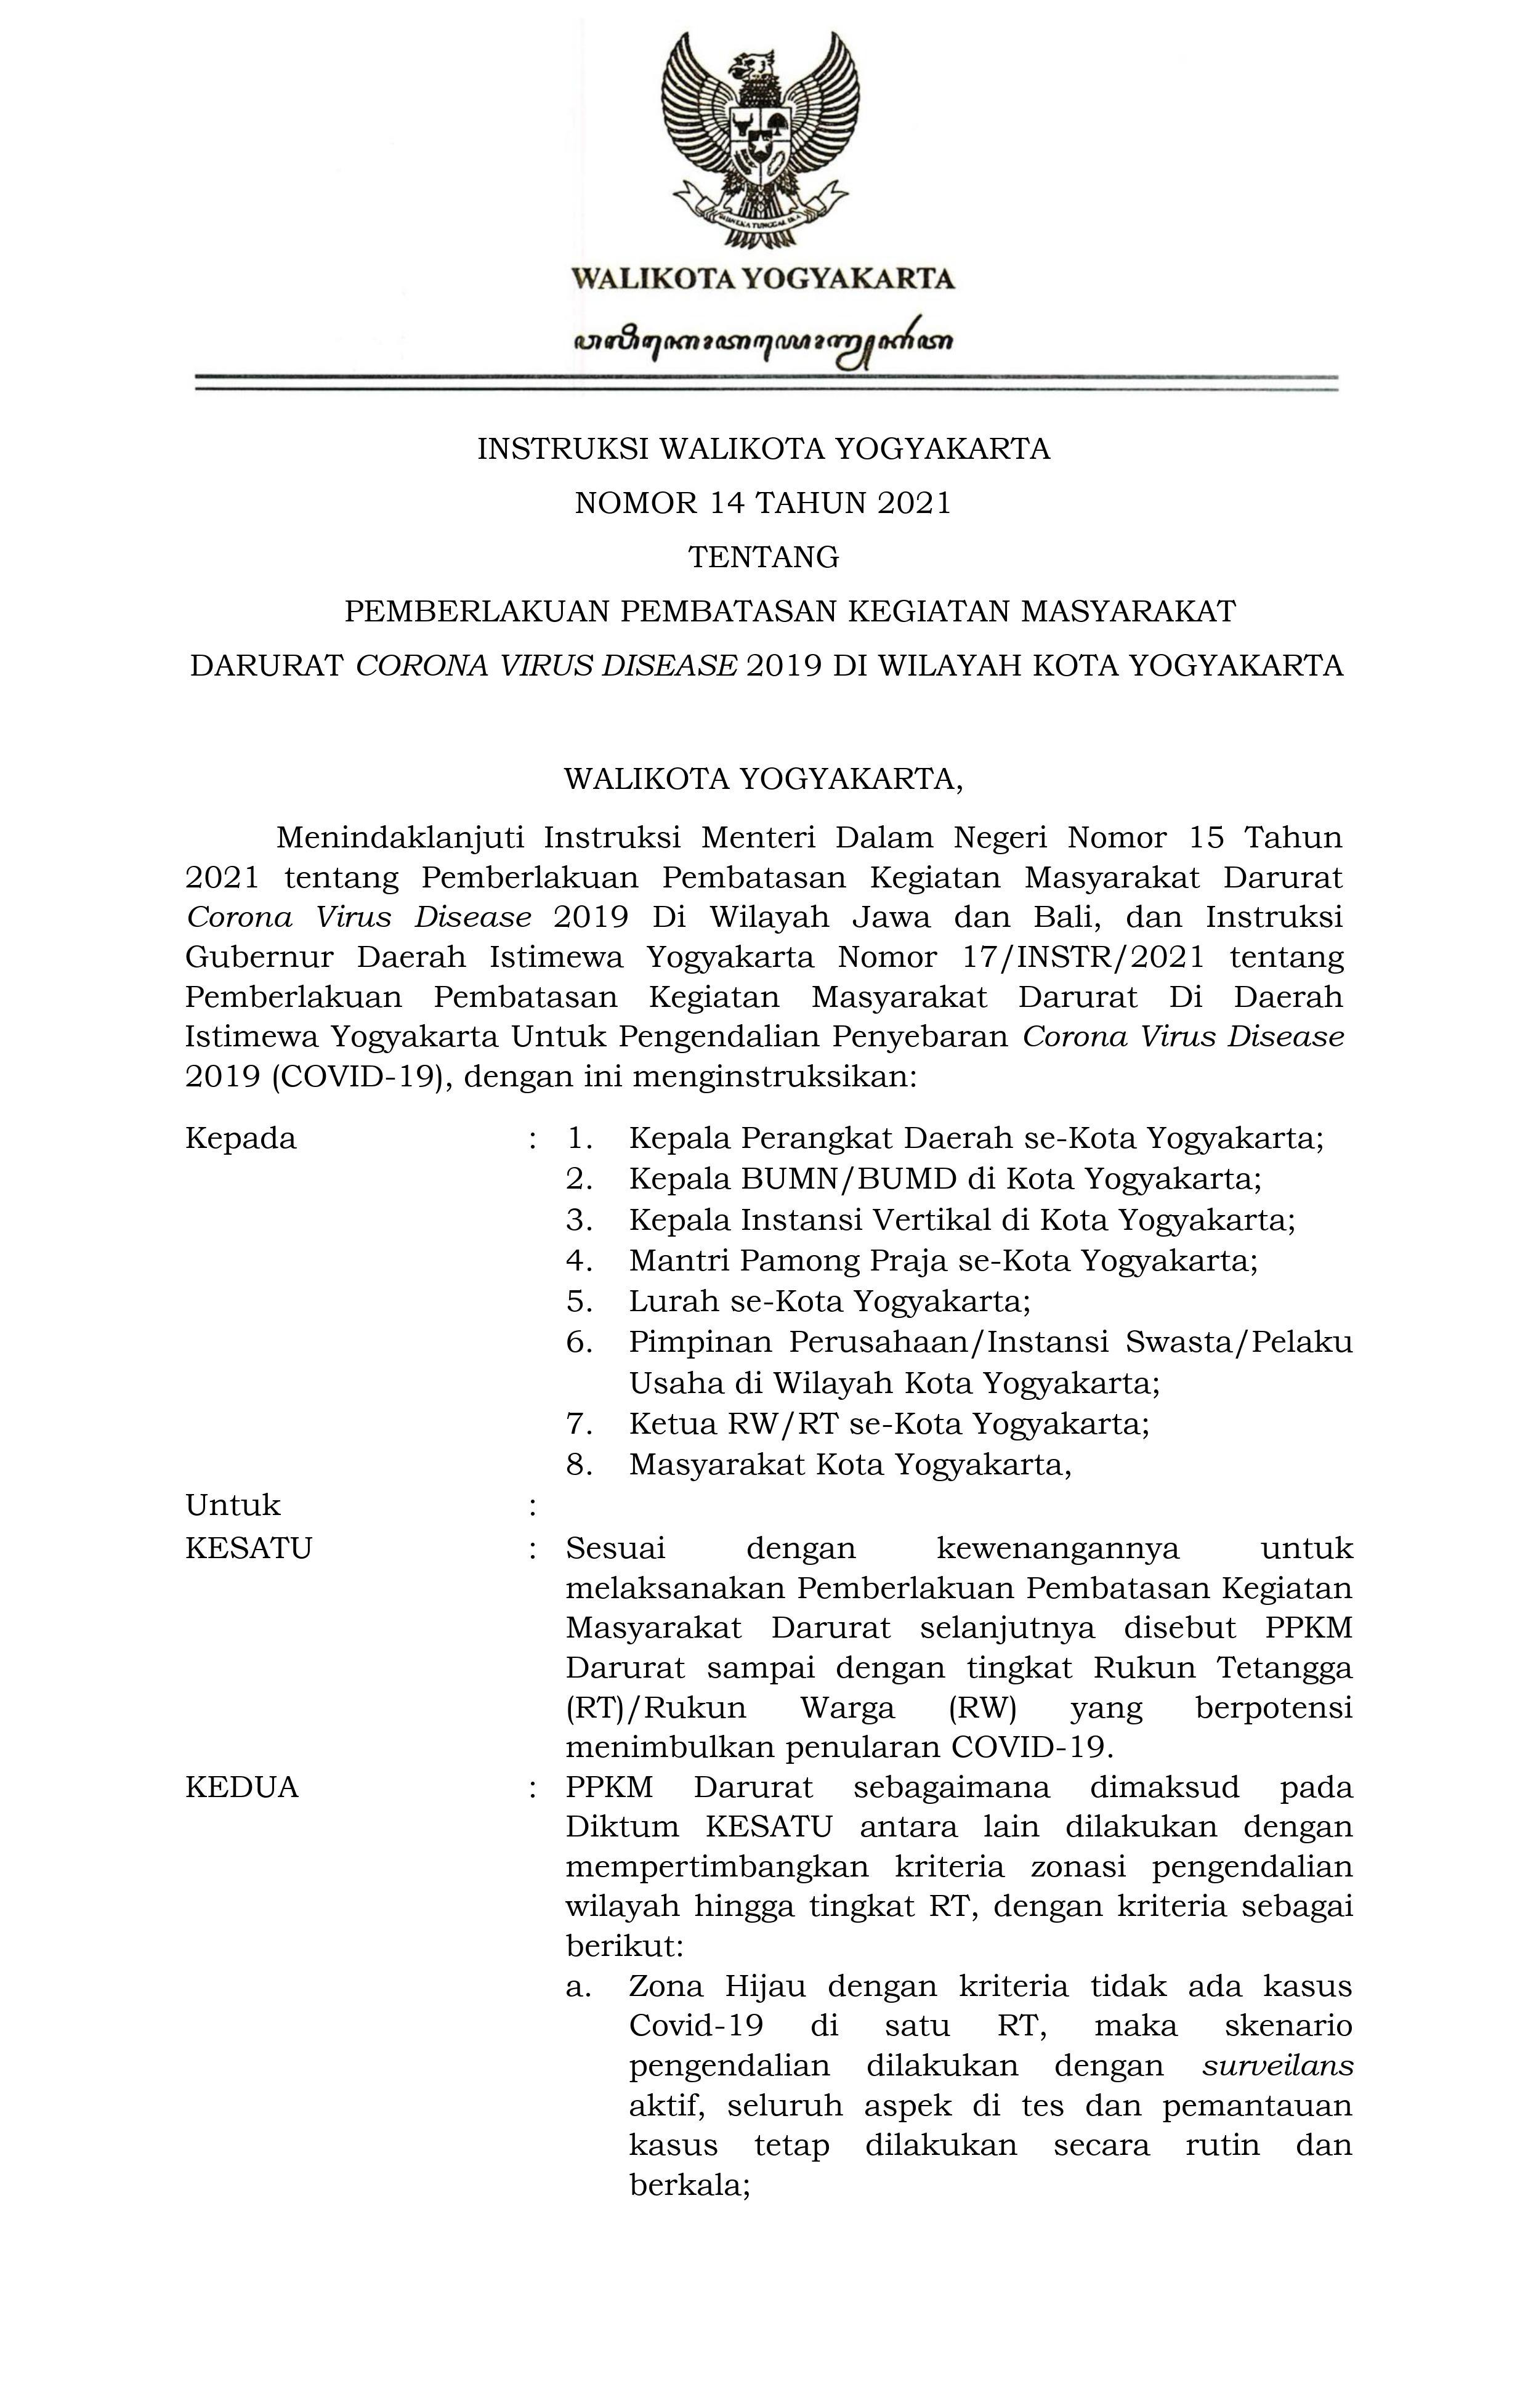 Pemberlakukan PPKM Darurat di Wilayah Kota Yogyakarta